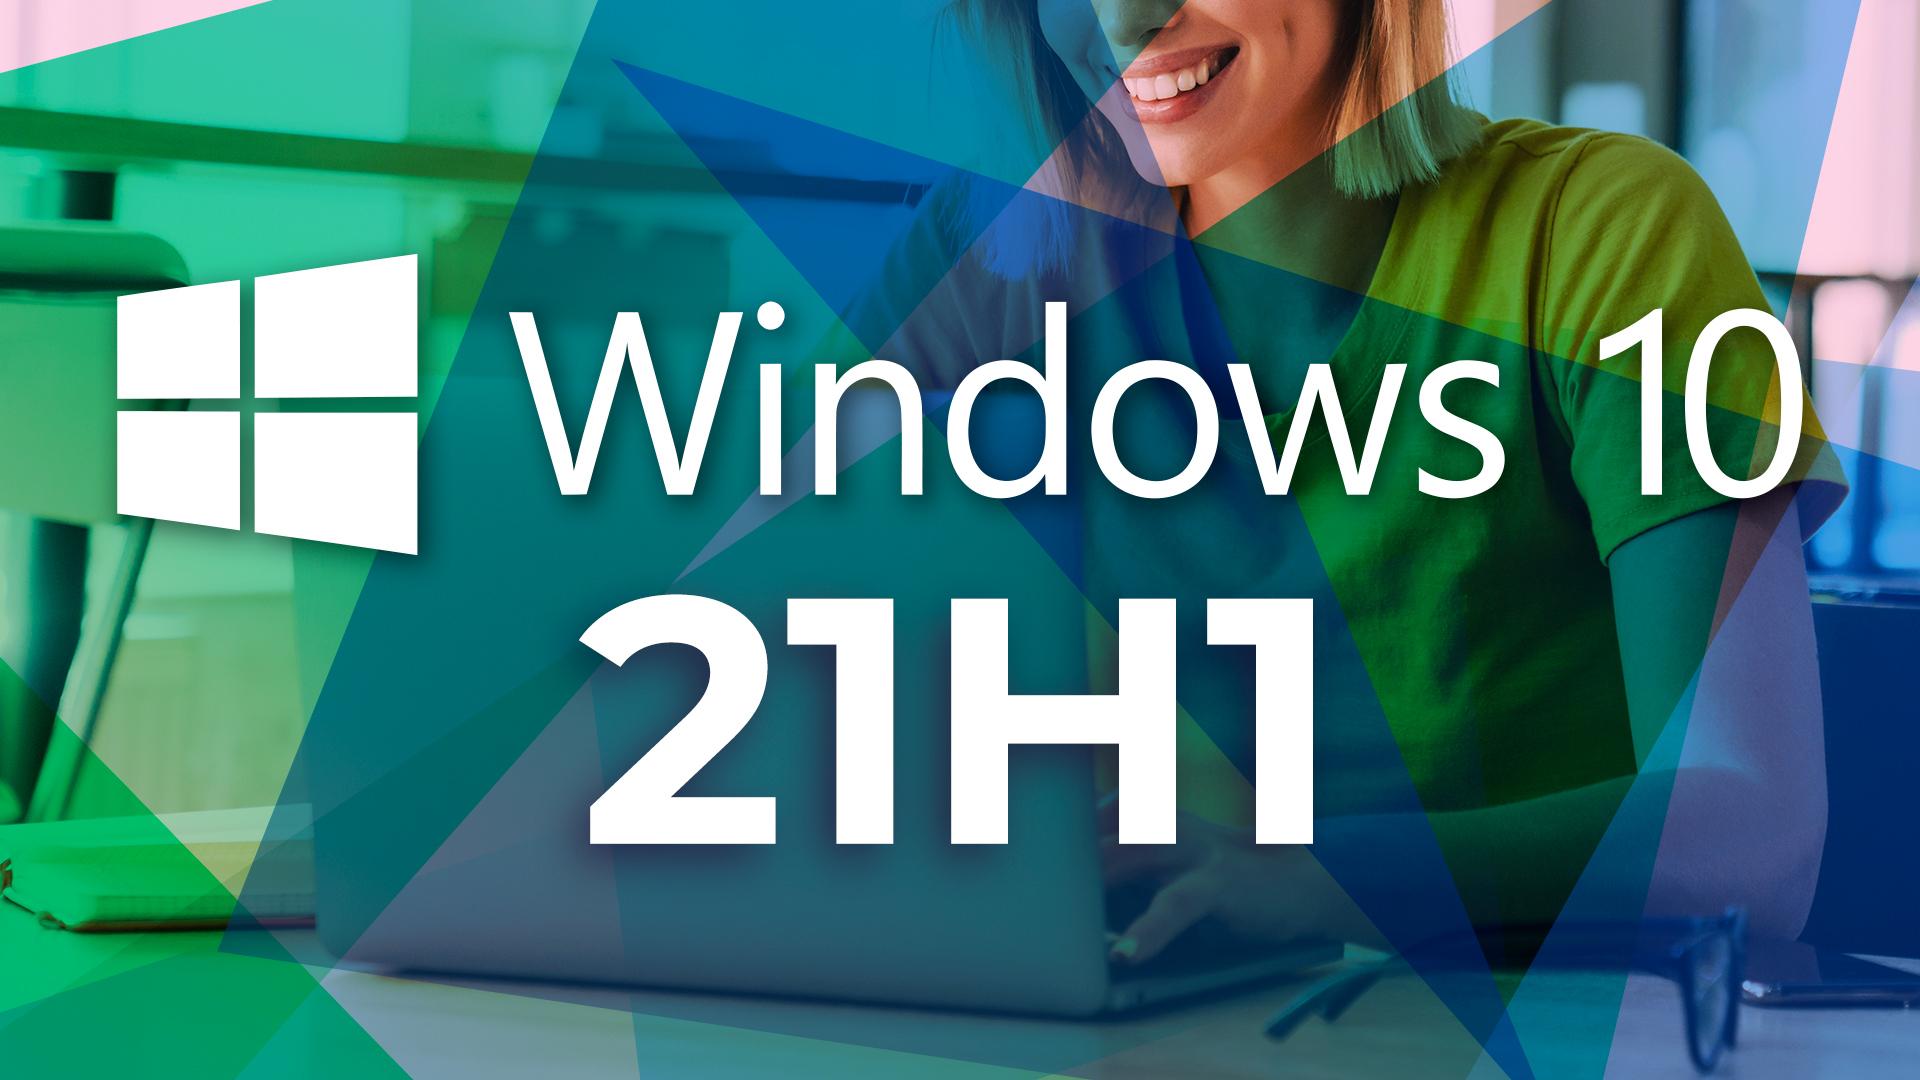 Windows 10, Laptop, Insider Preview, Windows Update, Microsoft Windows, Microsoft Windows 10, 21H1, Windows 10 21H1, Windows 10 2021 Update, Gesicht